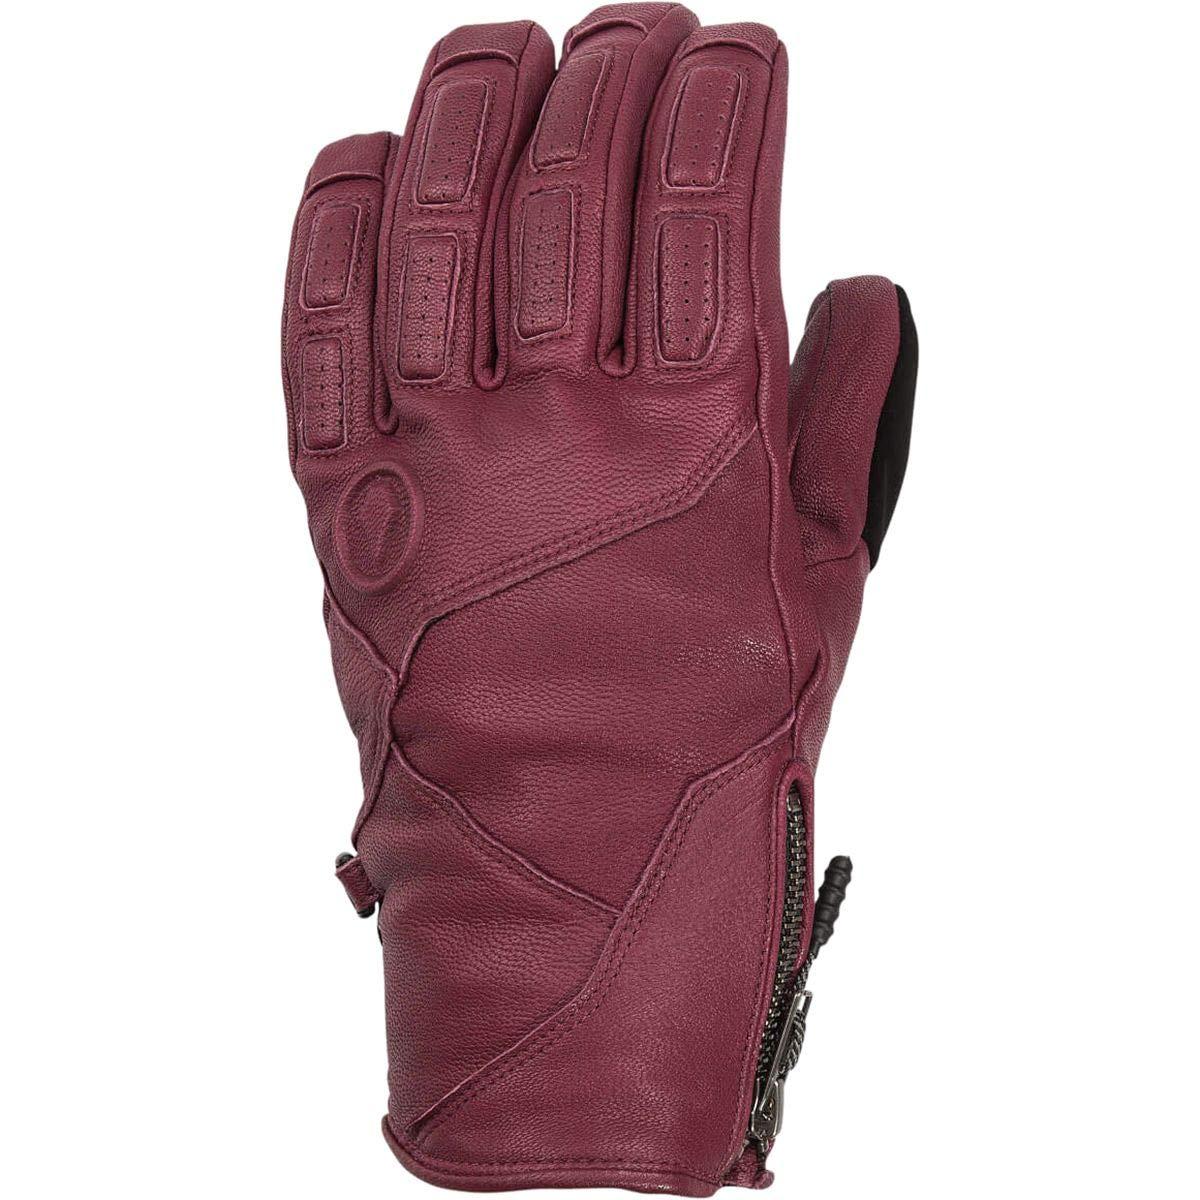 (ボルコム) Volcom Service Gore Glove メンズ スノーボード ウェア グローブBurnt 赤 [並行輸入品] Burnt 赤 日本サイズ L相当 (US M)